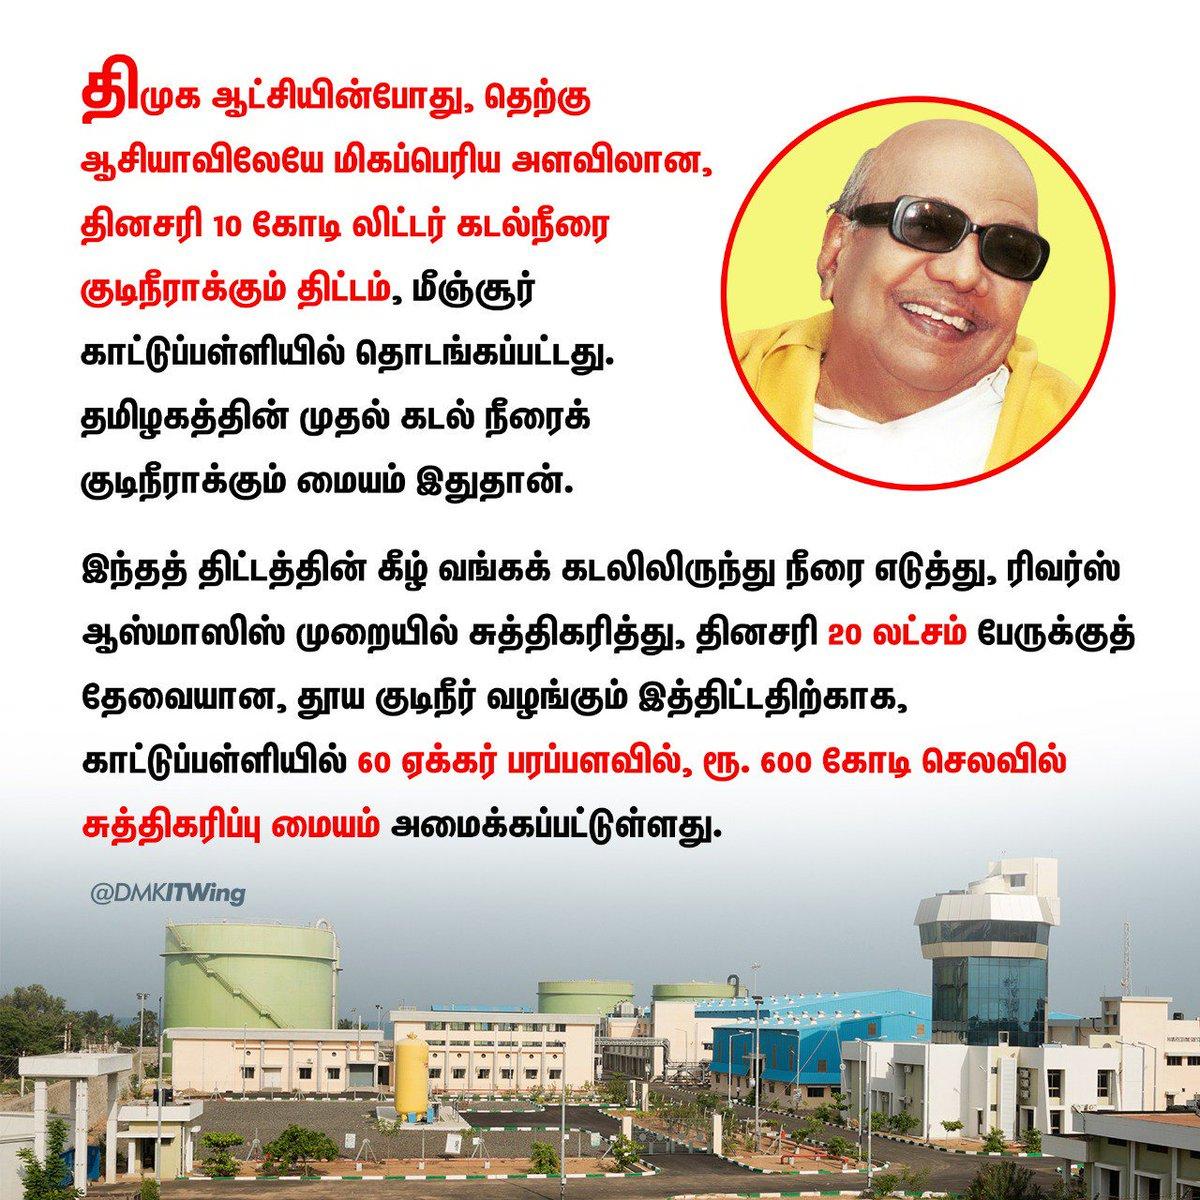 தெற்காசியாவிலேயே மிகப்பெரிய கடல்நீரை குடிநீராக்கும் திட்டத்தை நெம்மேலியில் கொண்டுவந்தது திமுக!  #DMK4TN